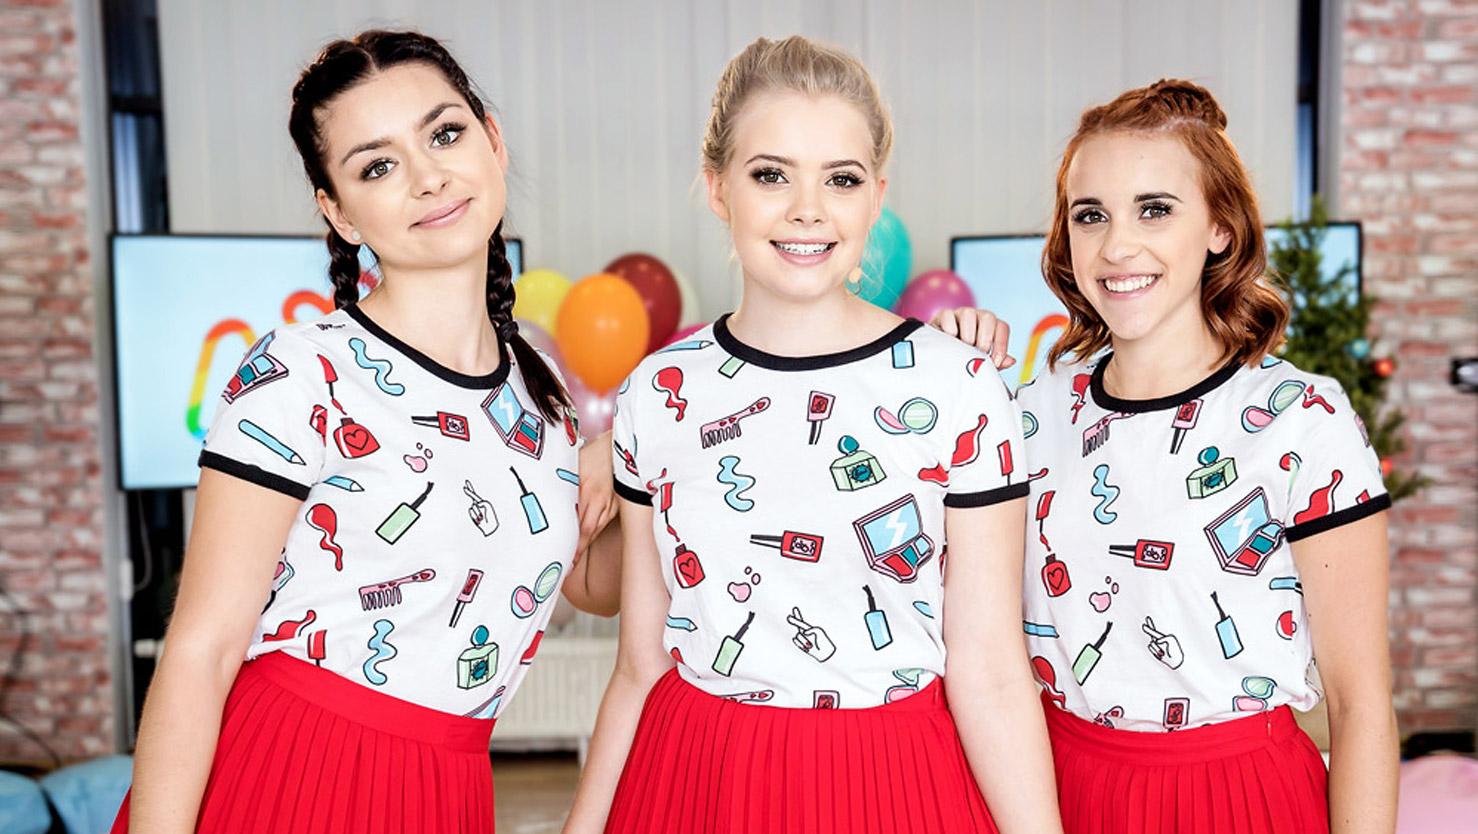 """Poznaj bliżej trzy kolorowe dziewczyny z """"My3"""" - Polsat.pl"""